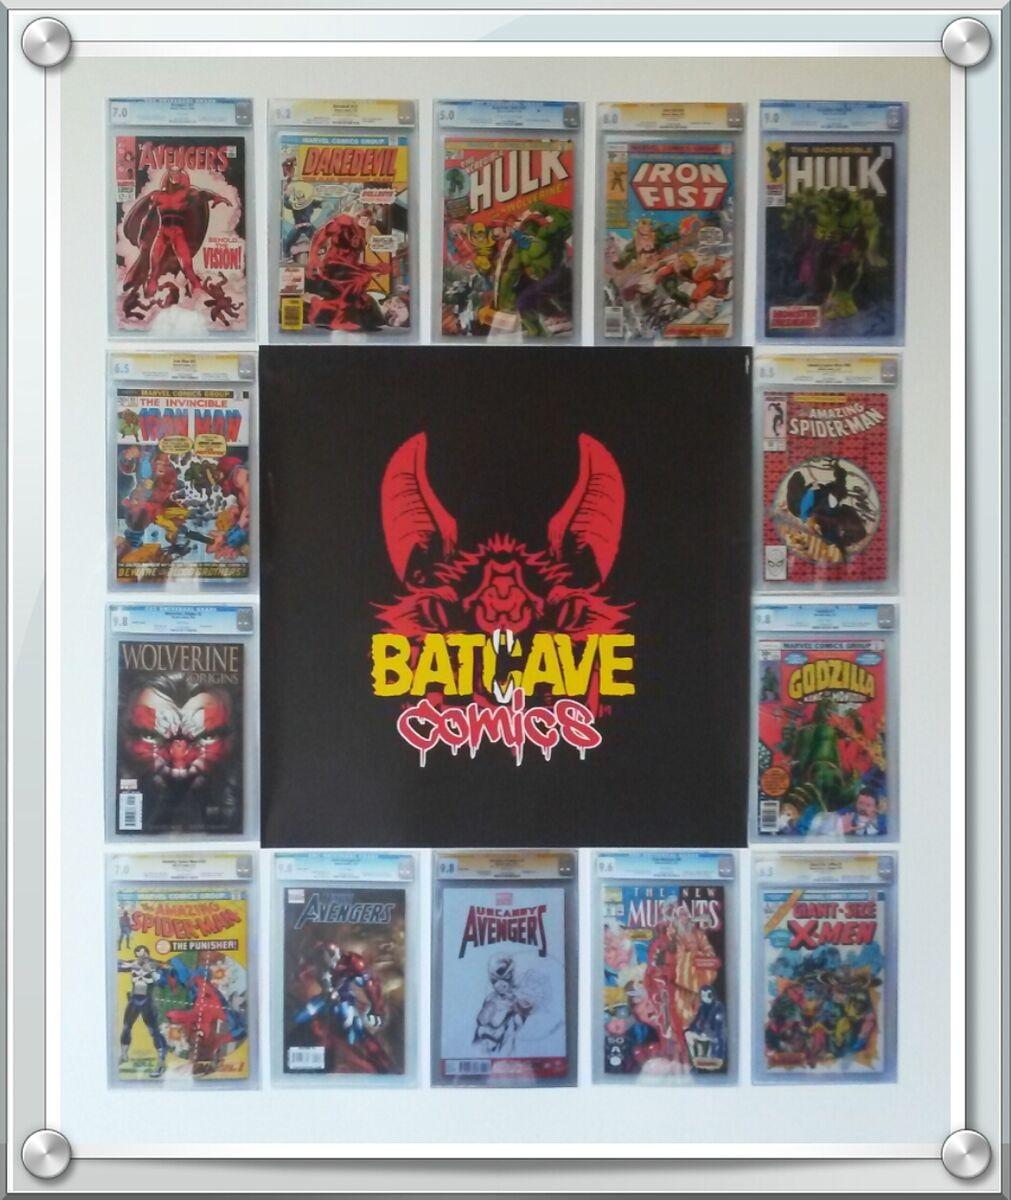 BatCave Comics